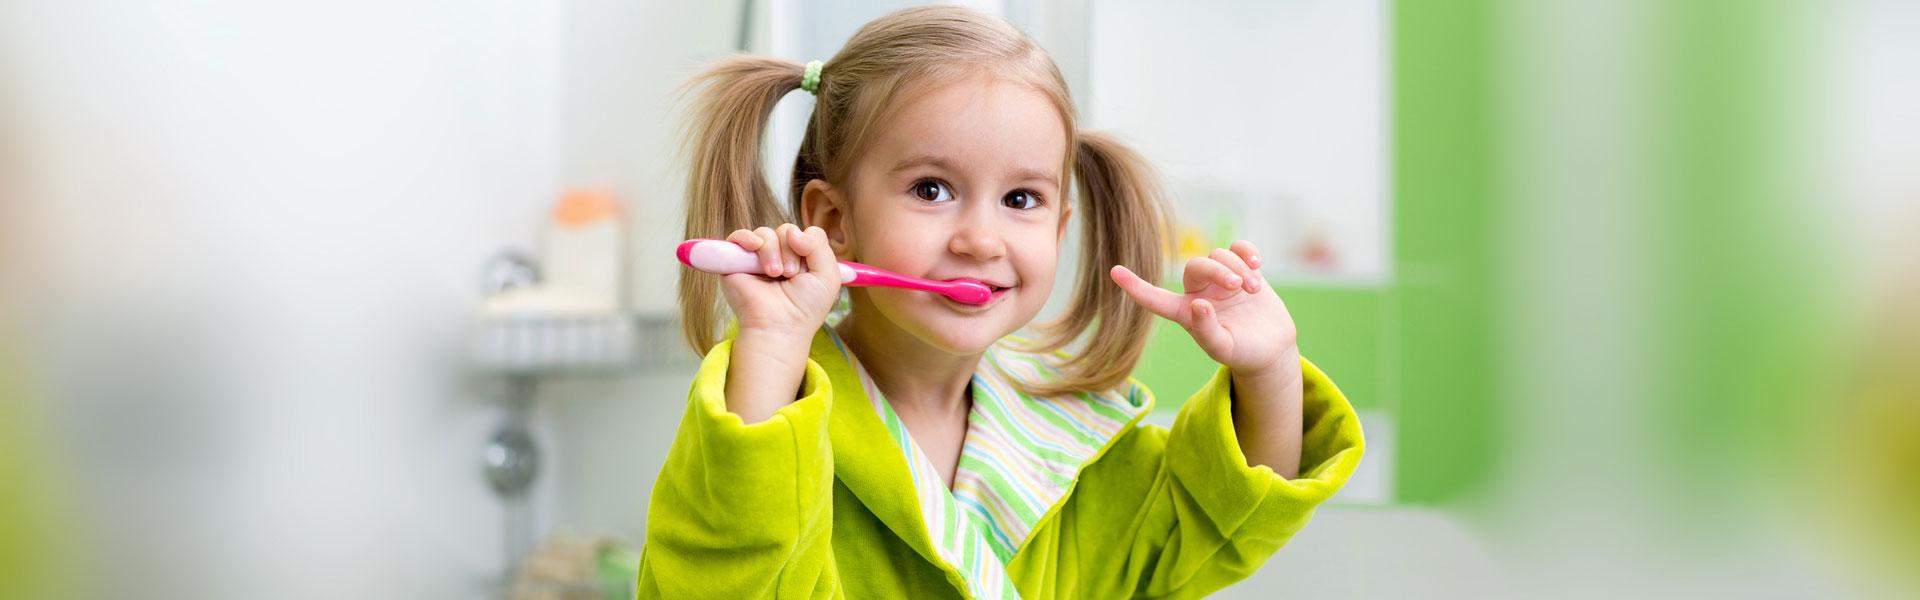 Pediatric Dentistry in Etobicoke, ON